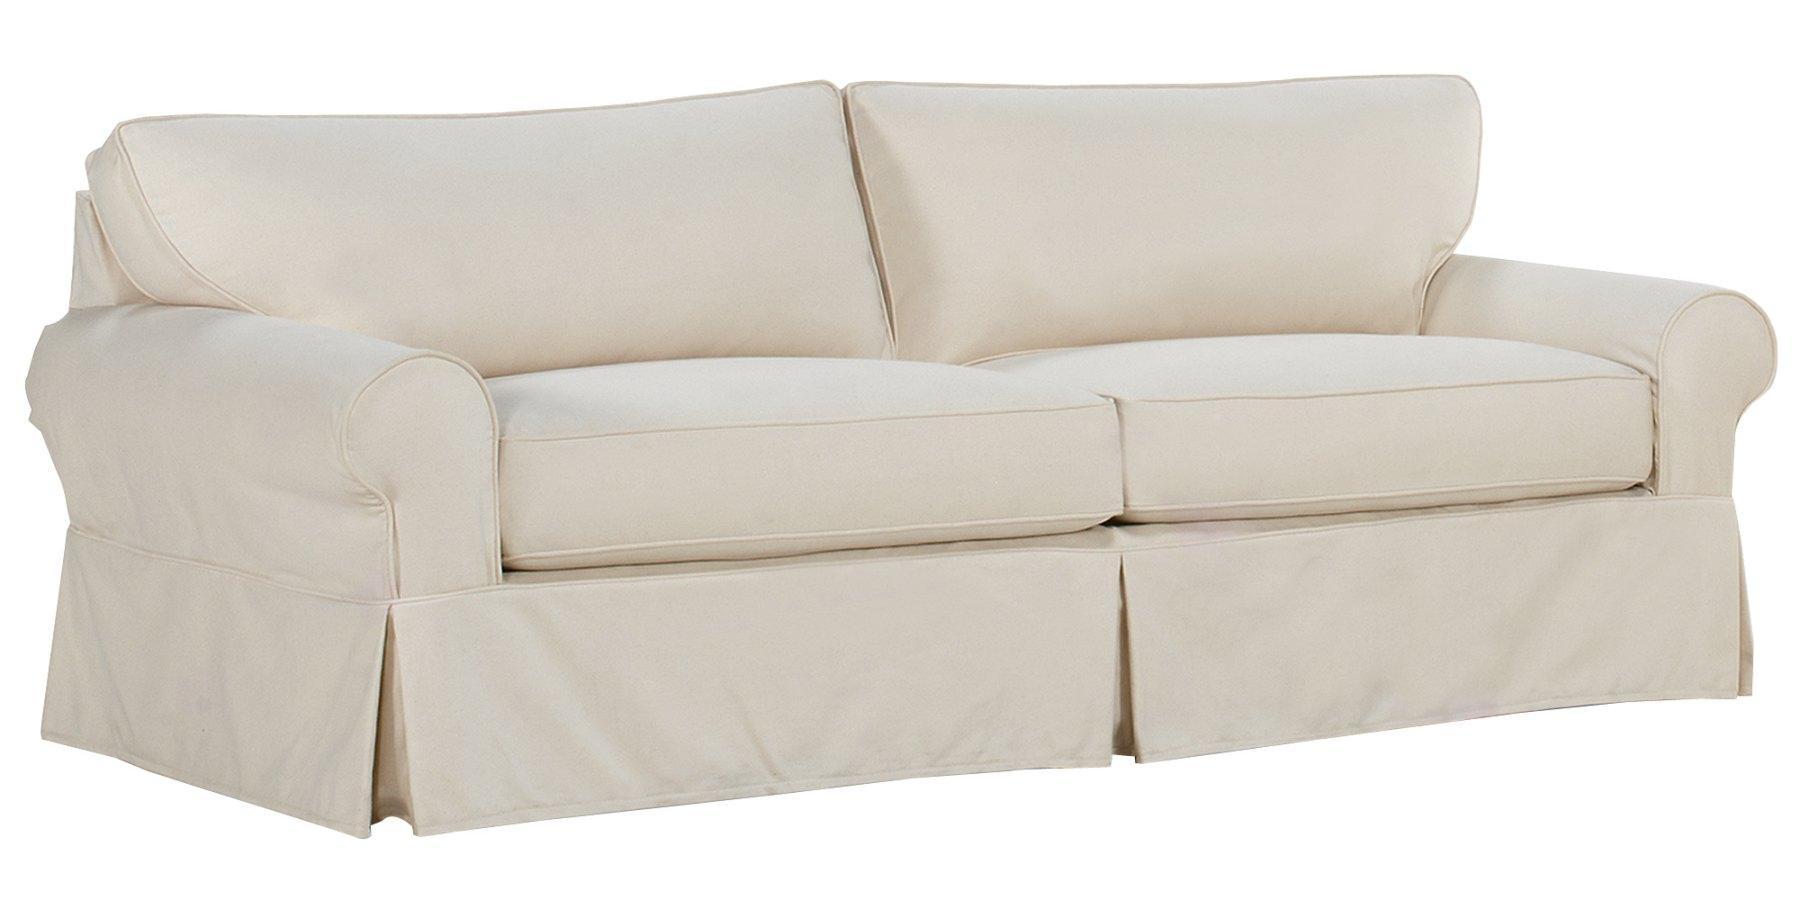 Slipcovers For Sleeper Sofas – Ansugallery Within Slipcovers For Sleeper Sofas (View 2 of 20)